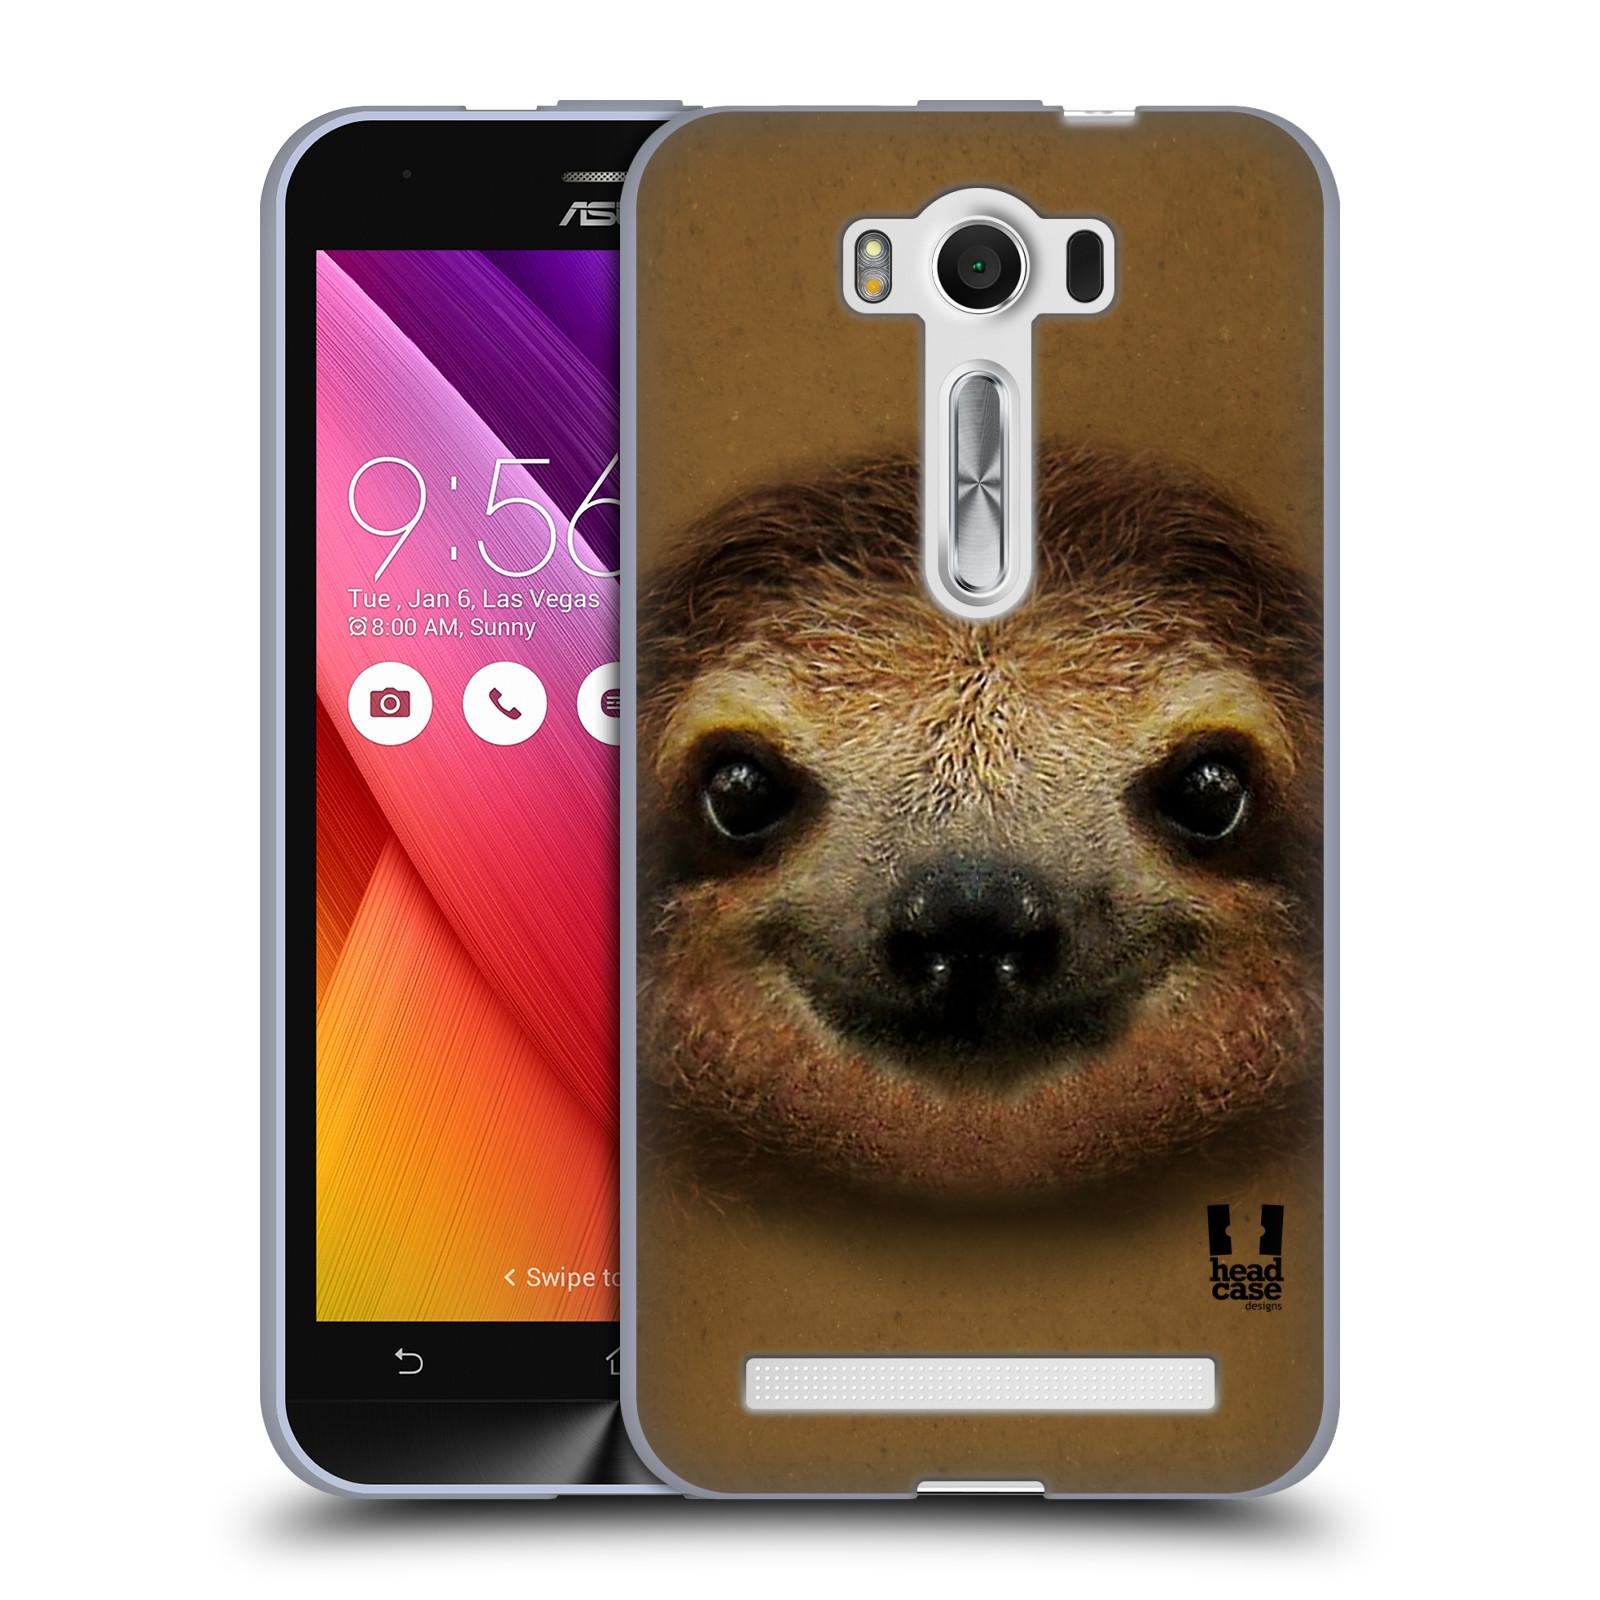 """HEAD CASE silikonový obal na mobil Asus Zenfone 2 LASER (ZE500KL s 5"""" displejem) vzor Zvířecí tváře 2 lenochod"""